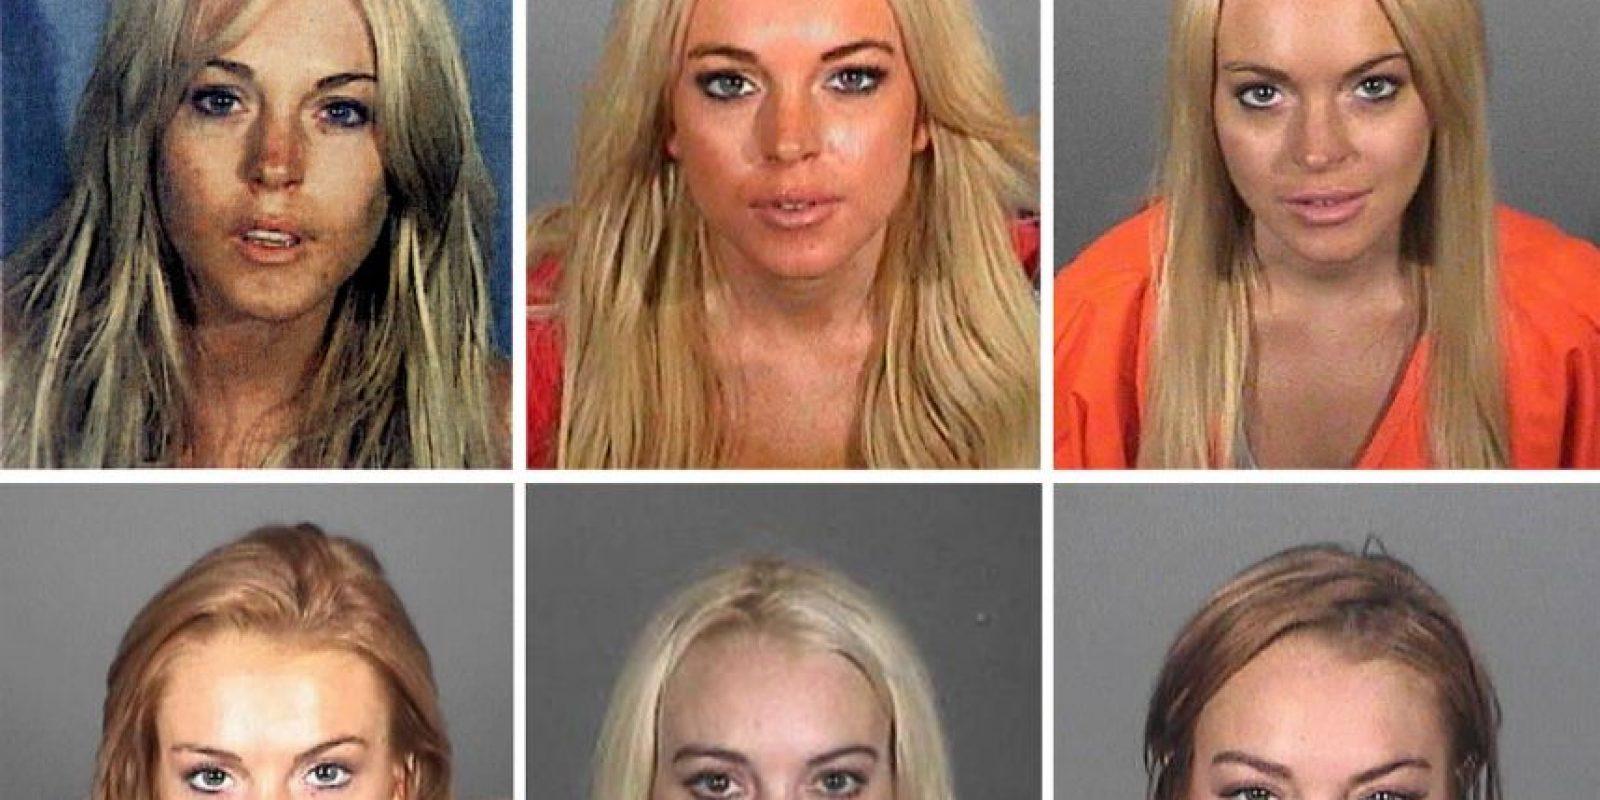 Ha sido arrestada en varias ocasiones, ha sido acusada de posesión de drogas y robo. Foto:Getty Images